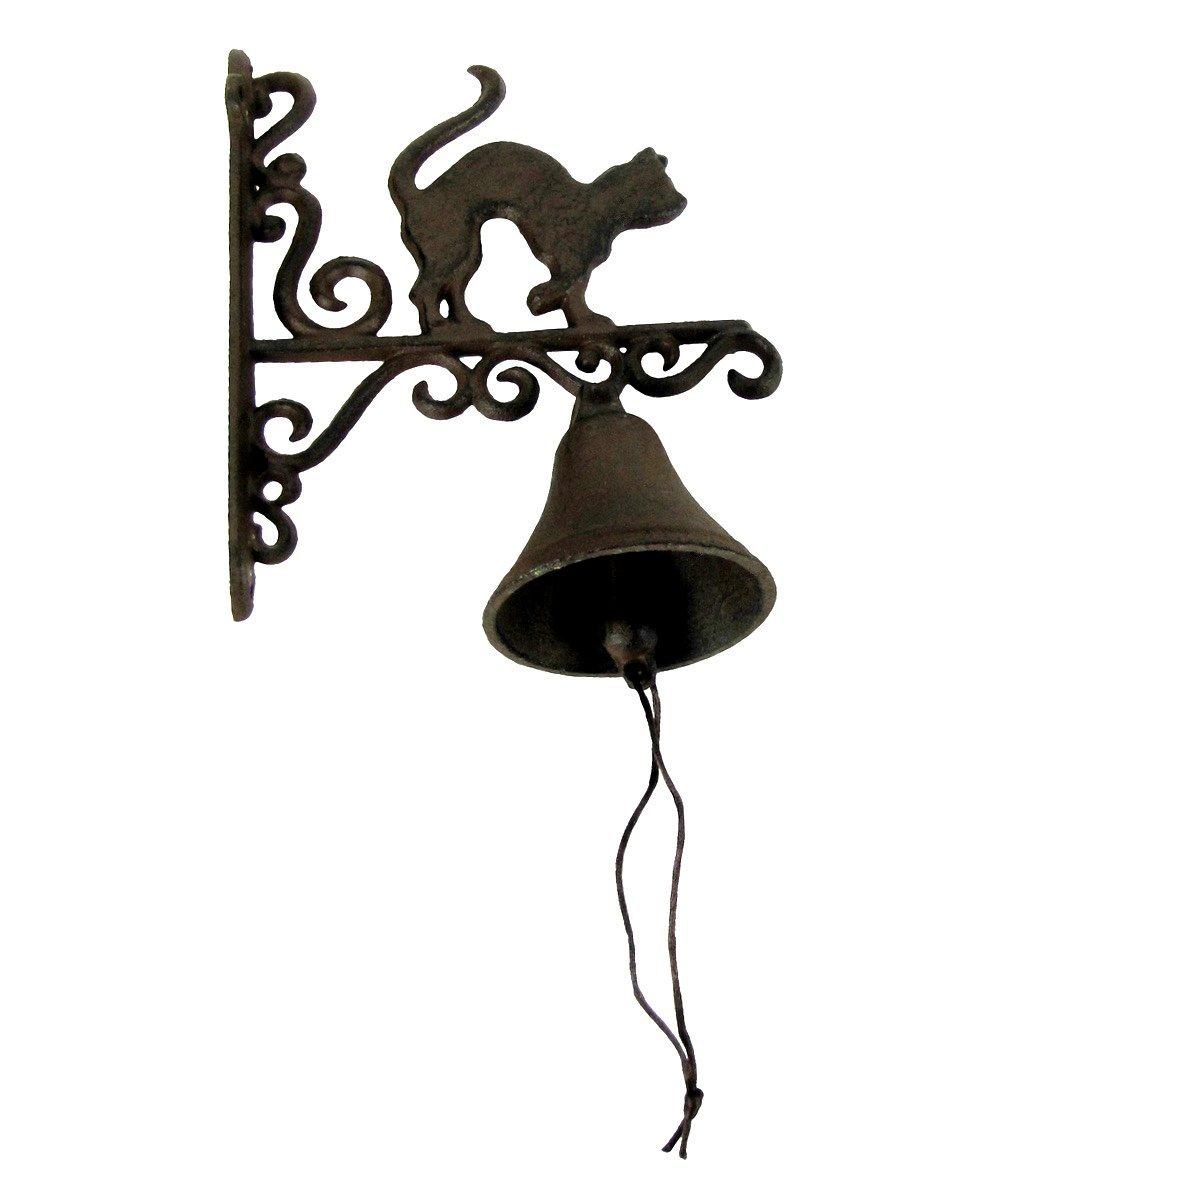 Rustic Metal Wall Mount Cat Door Call Bell Farm Garden Yard Patio Decor Doorbell